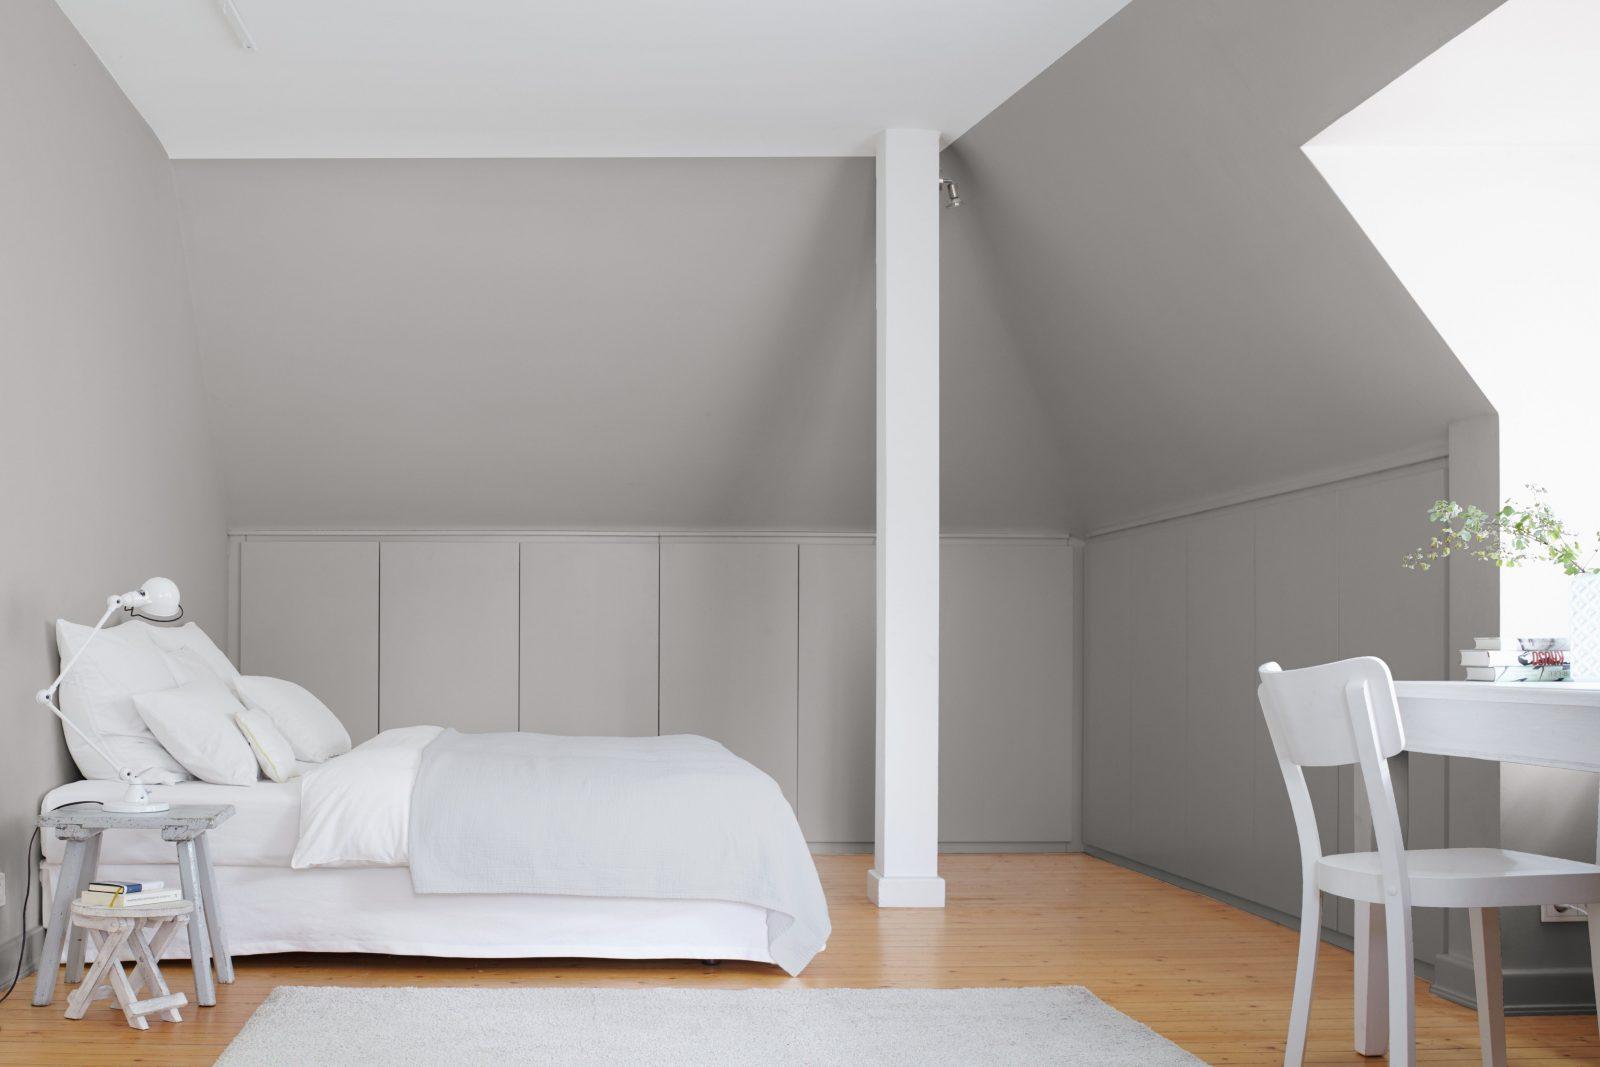 Kleine Zimmer Dachschrägen Optisch Vergrößern Alpina Farbe U0026 Wirkung Von Wandfarben  Schlafzimmer Mit Dachschräge Photo